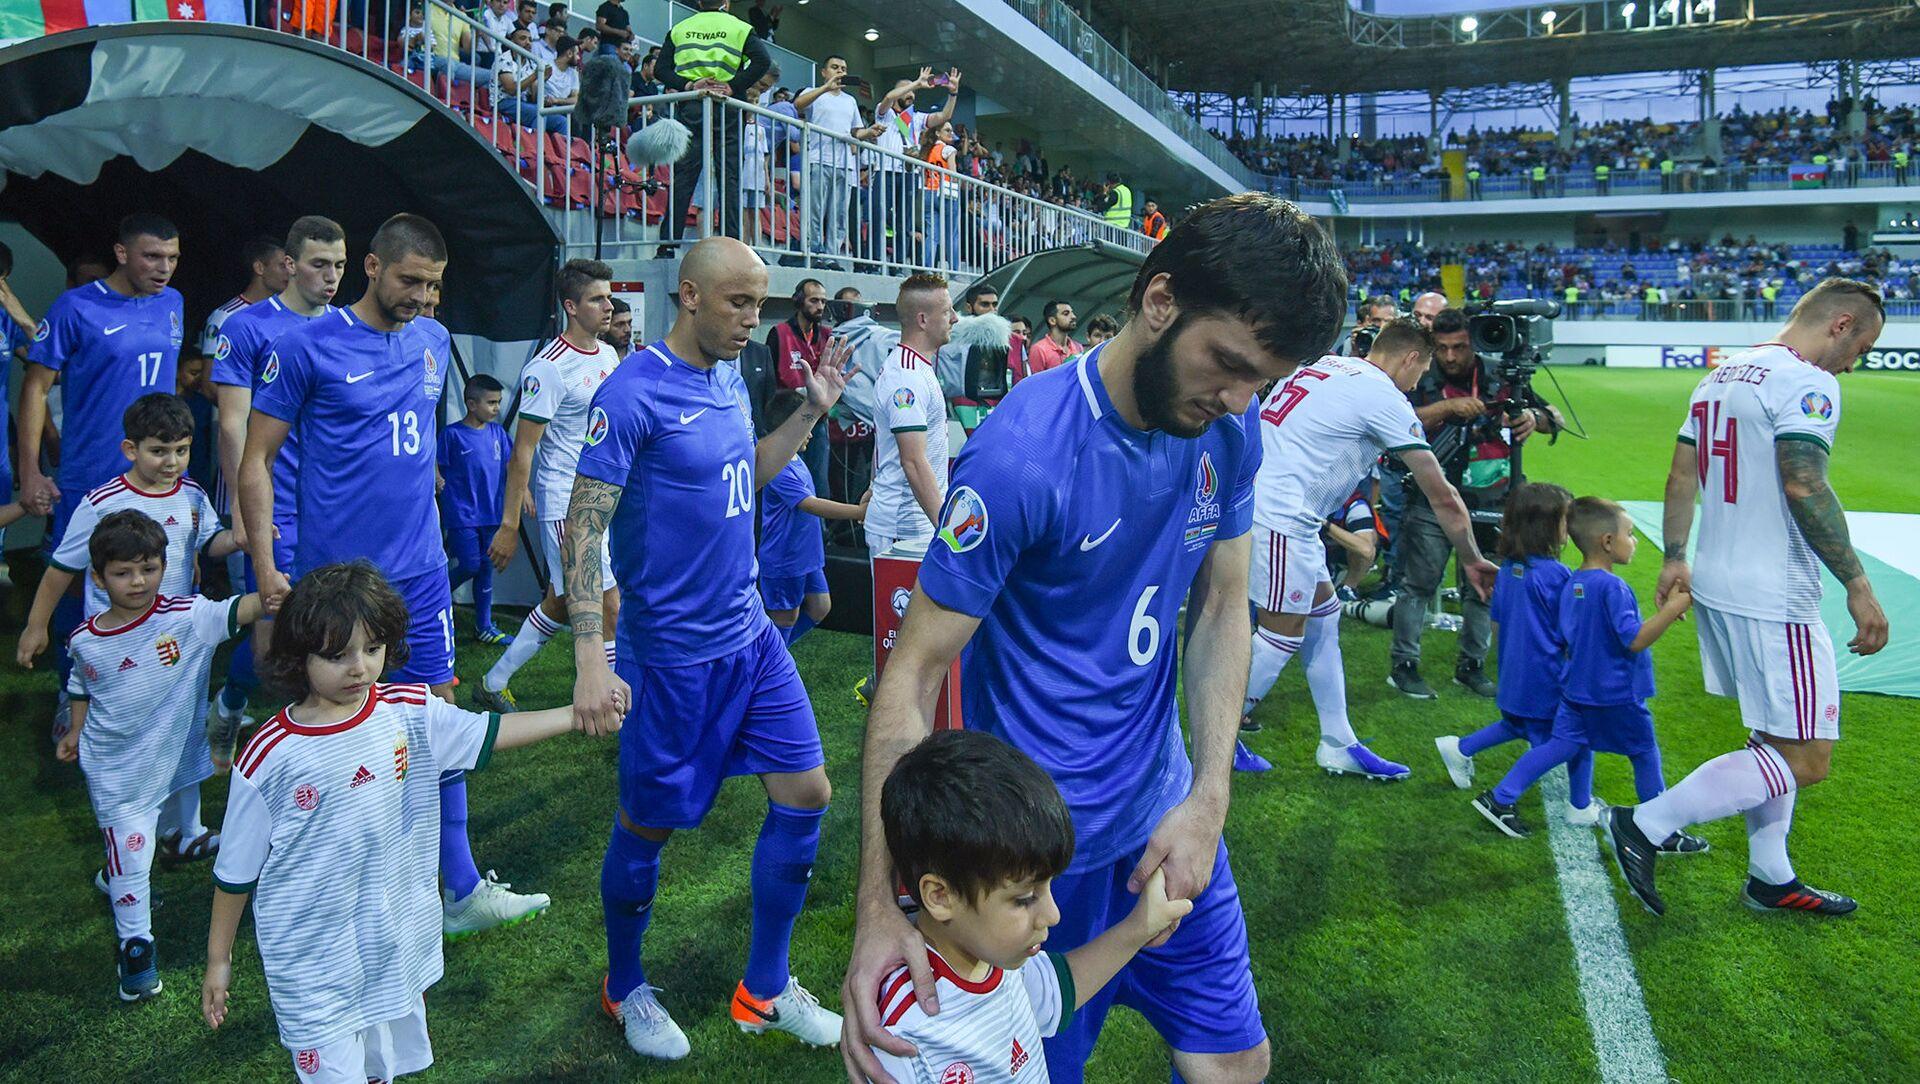 Отборочный матч чемпионата Европы 2020 года между футбольными сборными Азербайджана и Венгрии - Sputnik Азербайджан, 1920, 04.03.2021